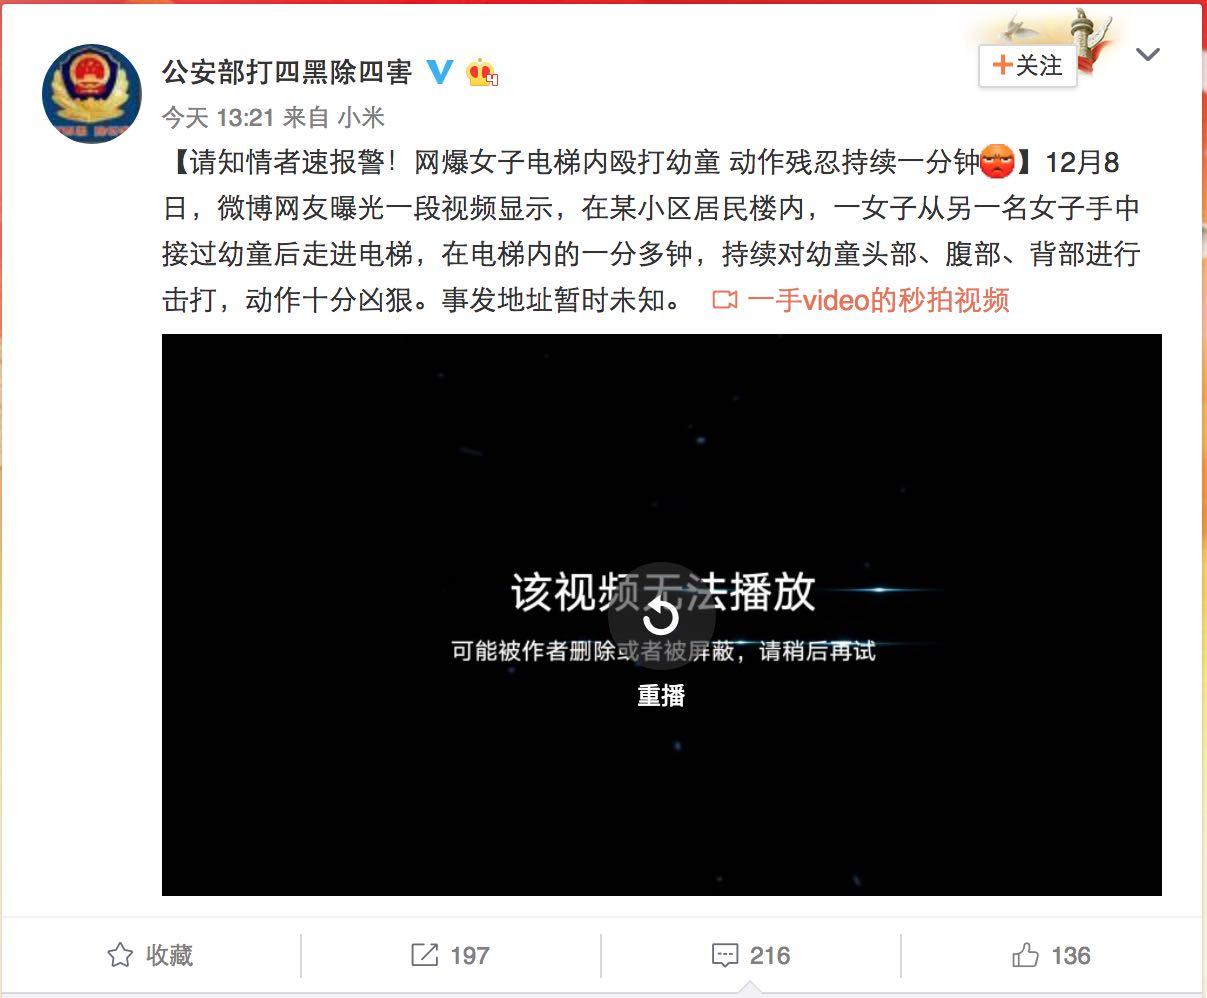 【CDTV】被删视频:电梯监控曝光虐童行为(更新)